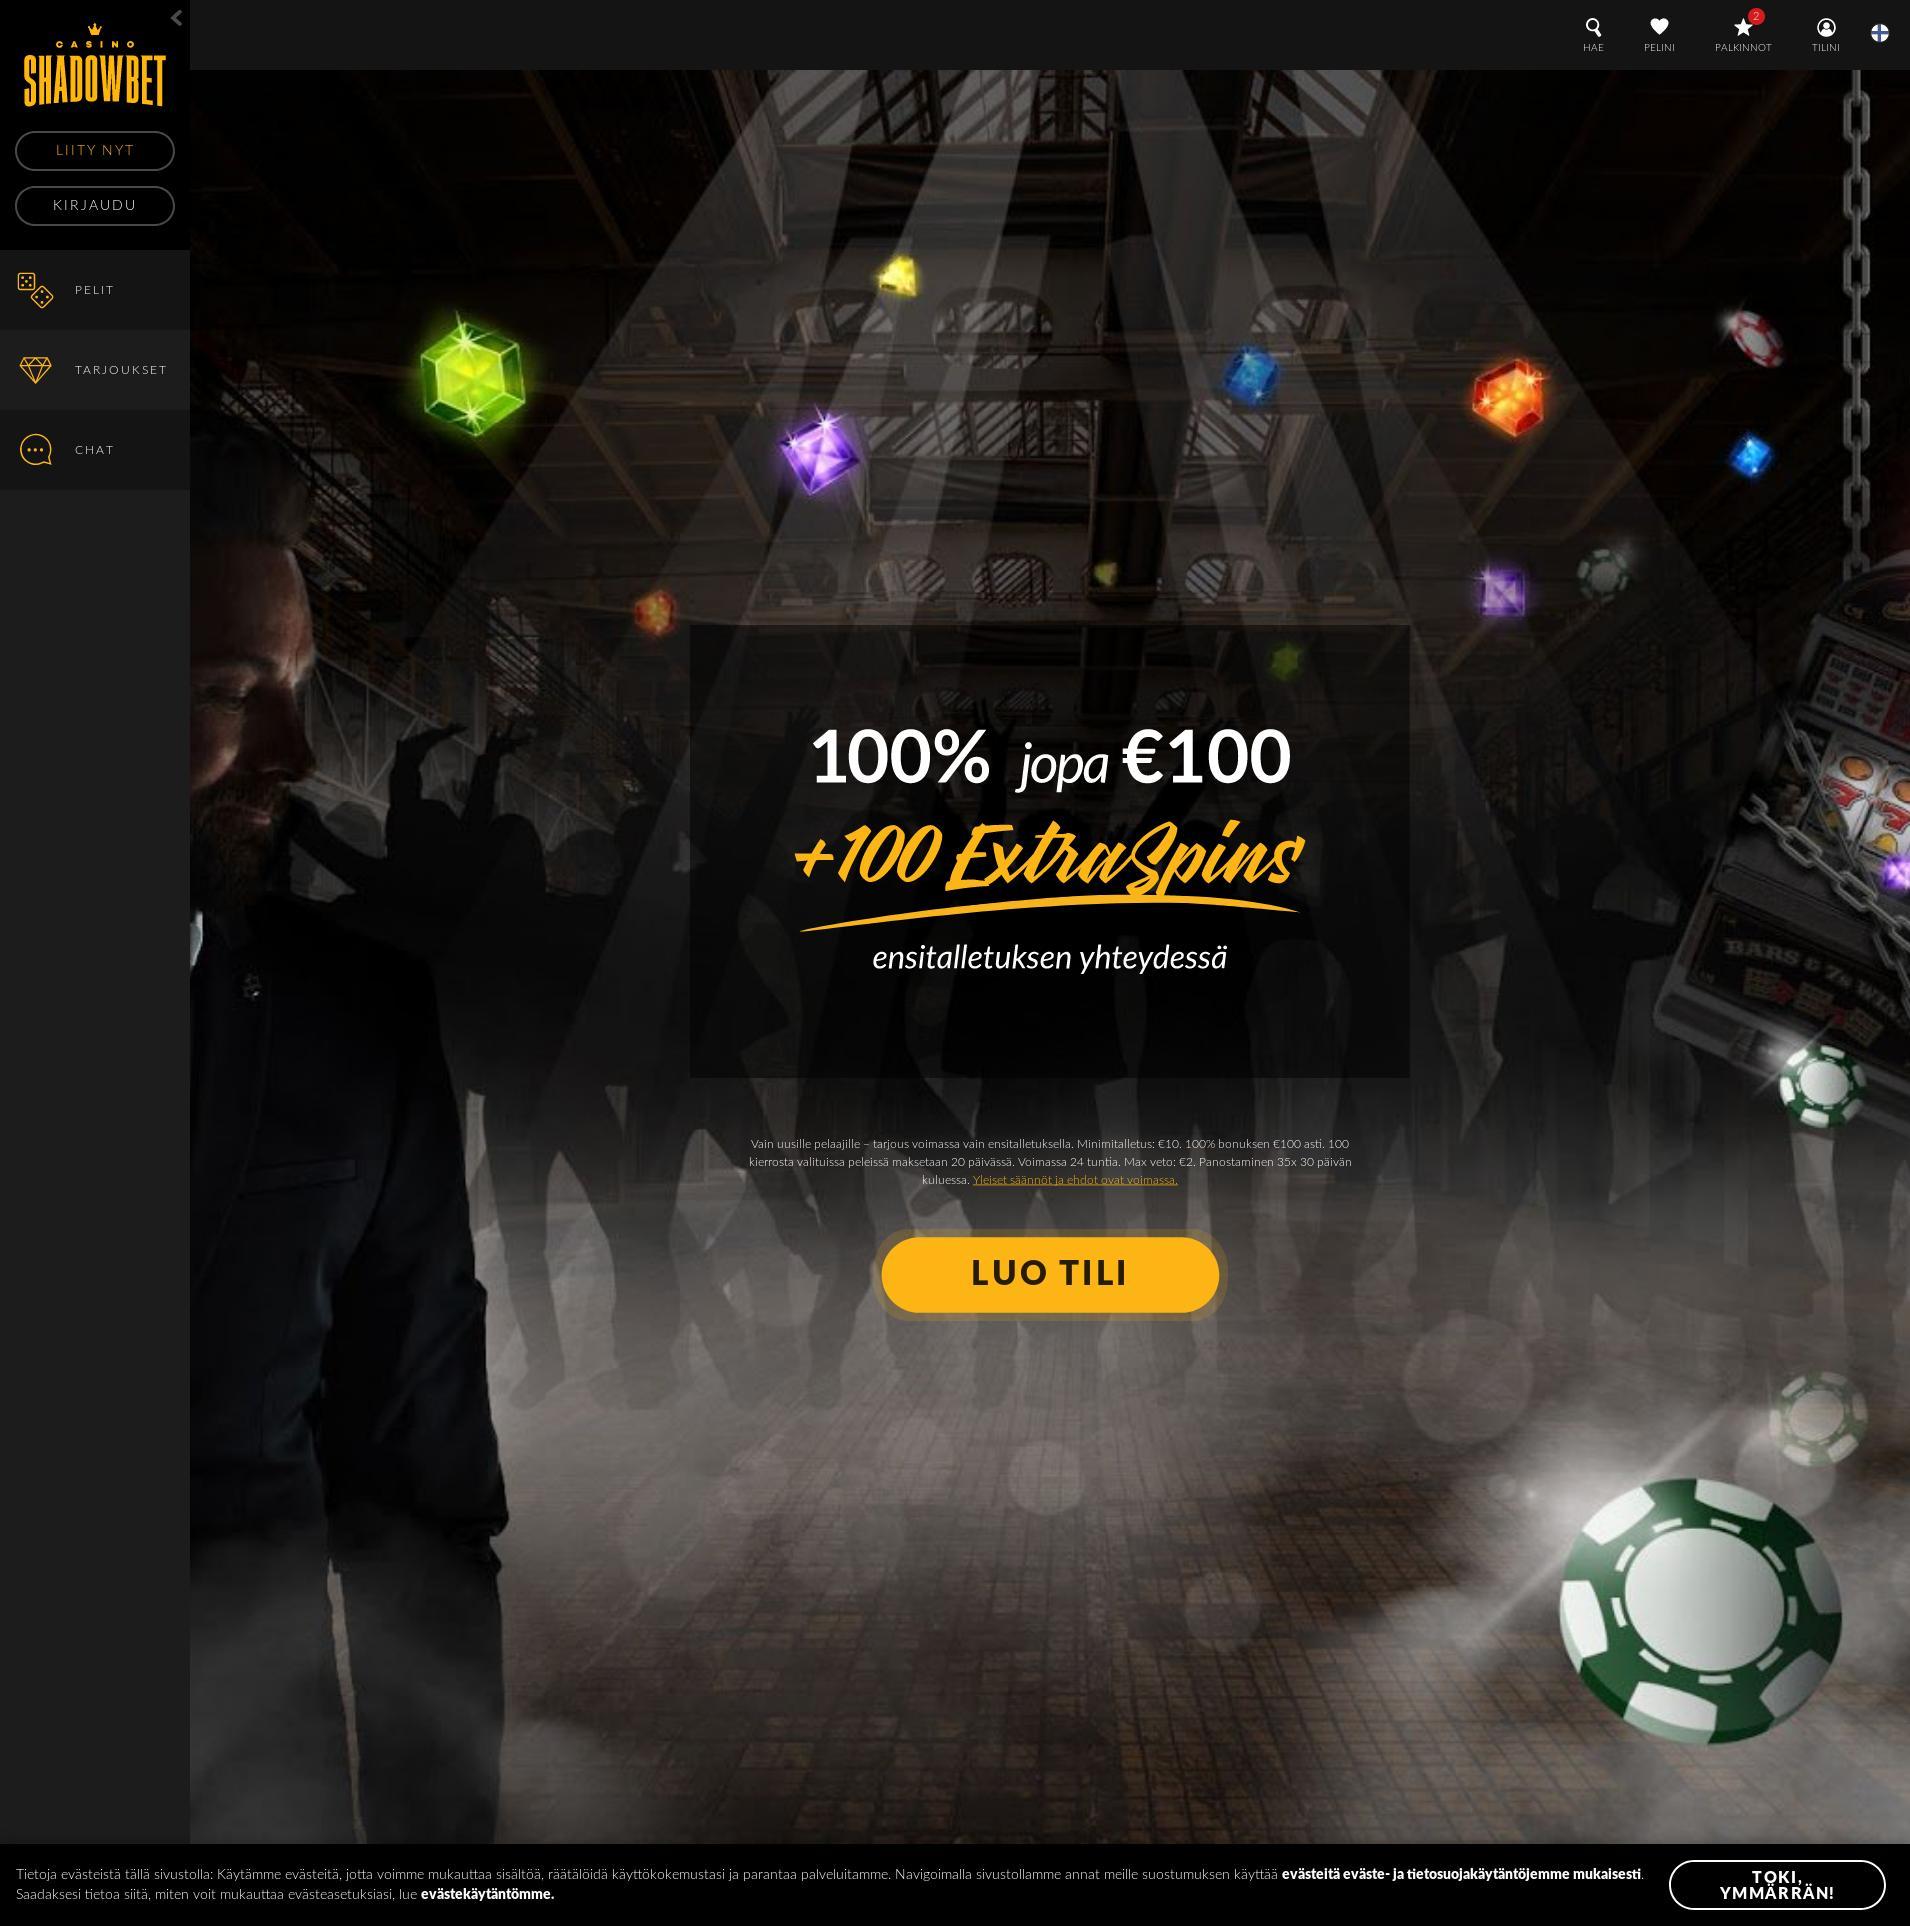 Casino-näyttö Lobby 2019-10-16 varten Suomi